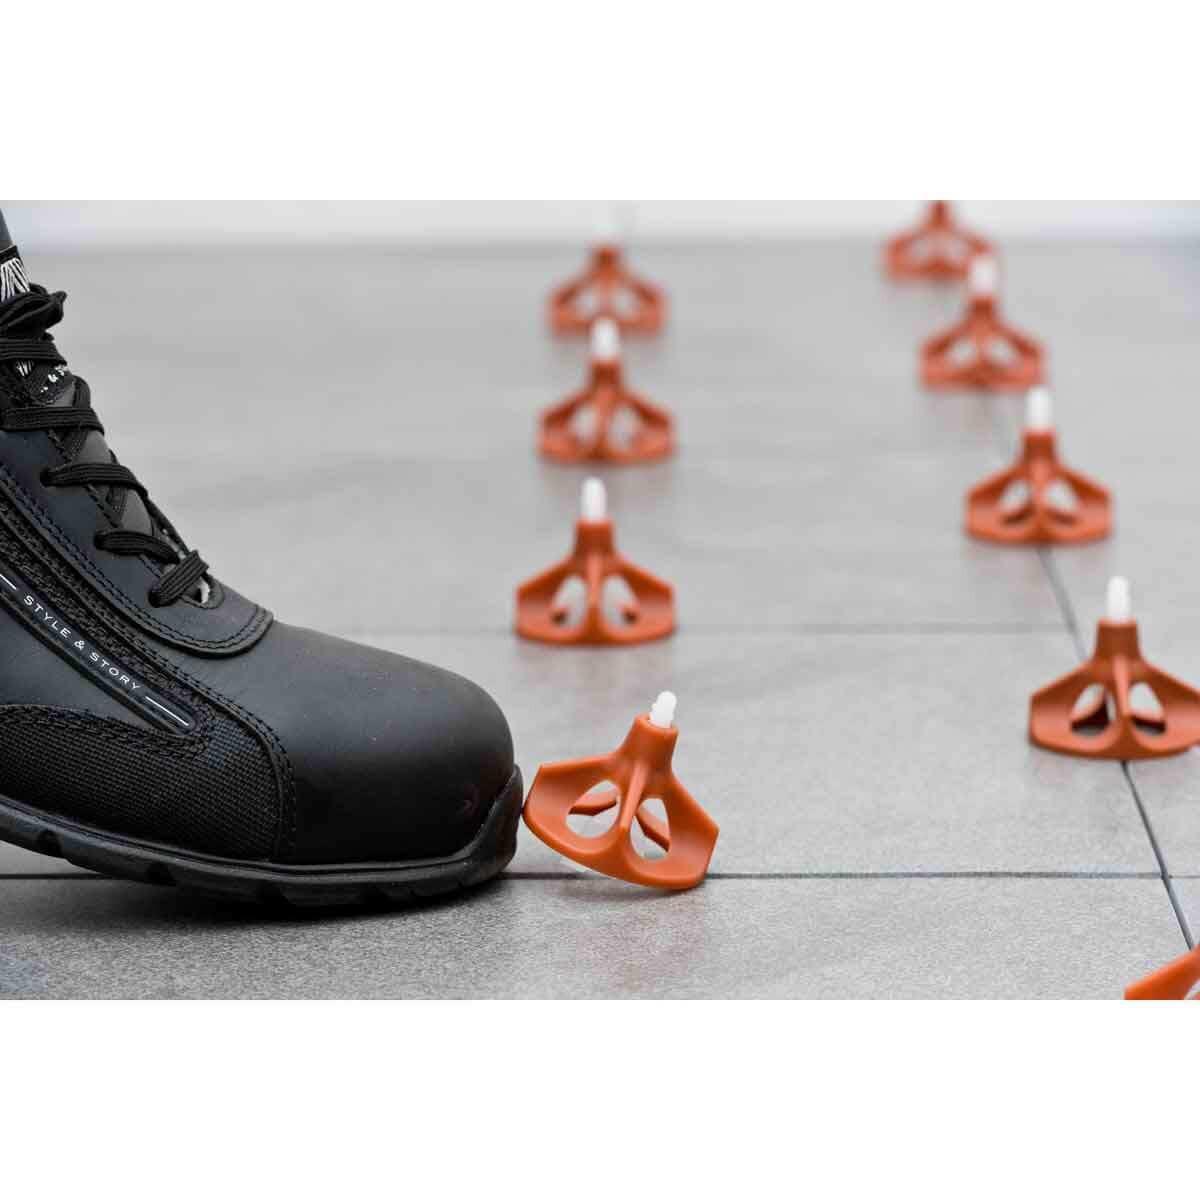 Raimondi Vite Leveling Clips floor tile cap removal